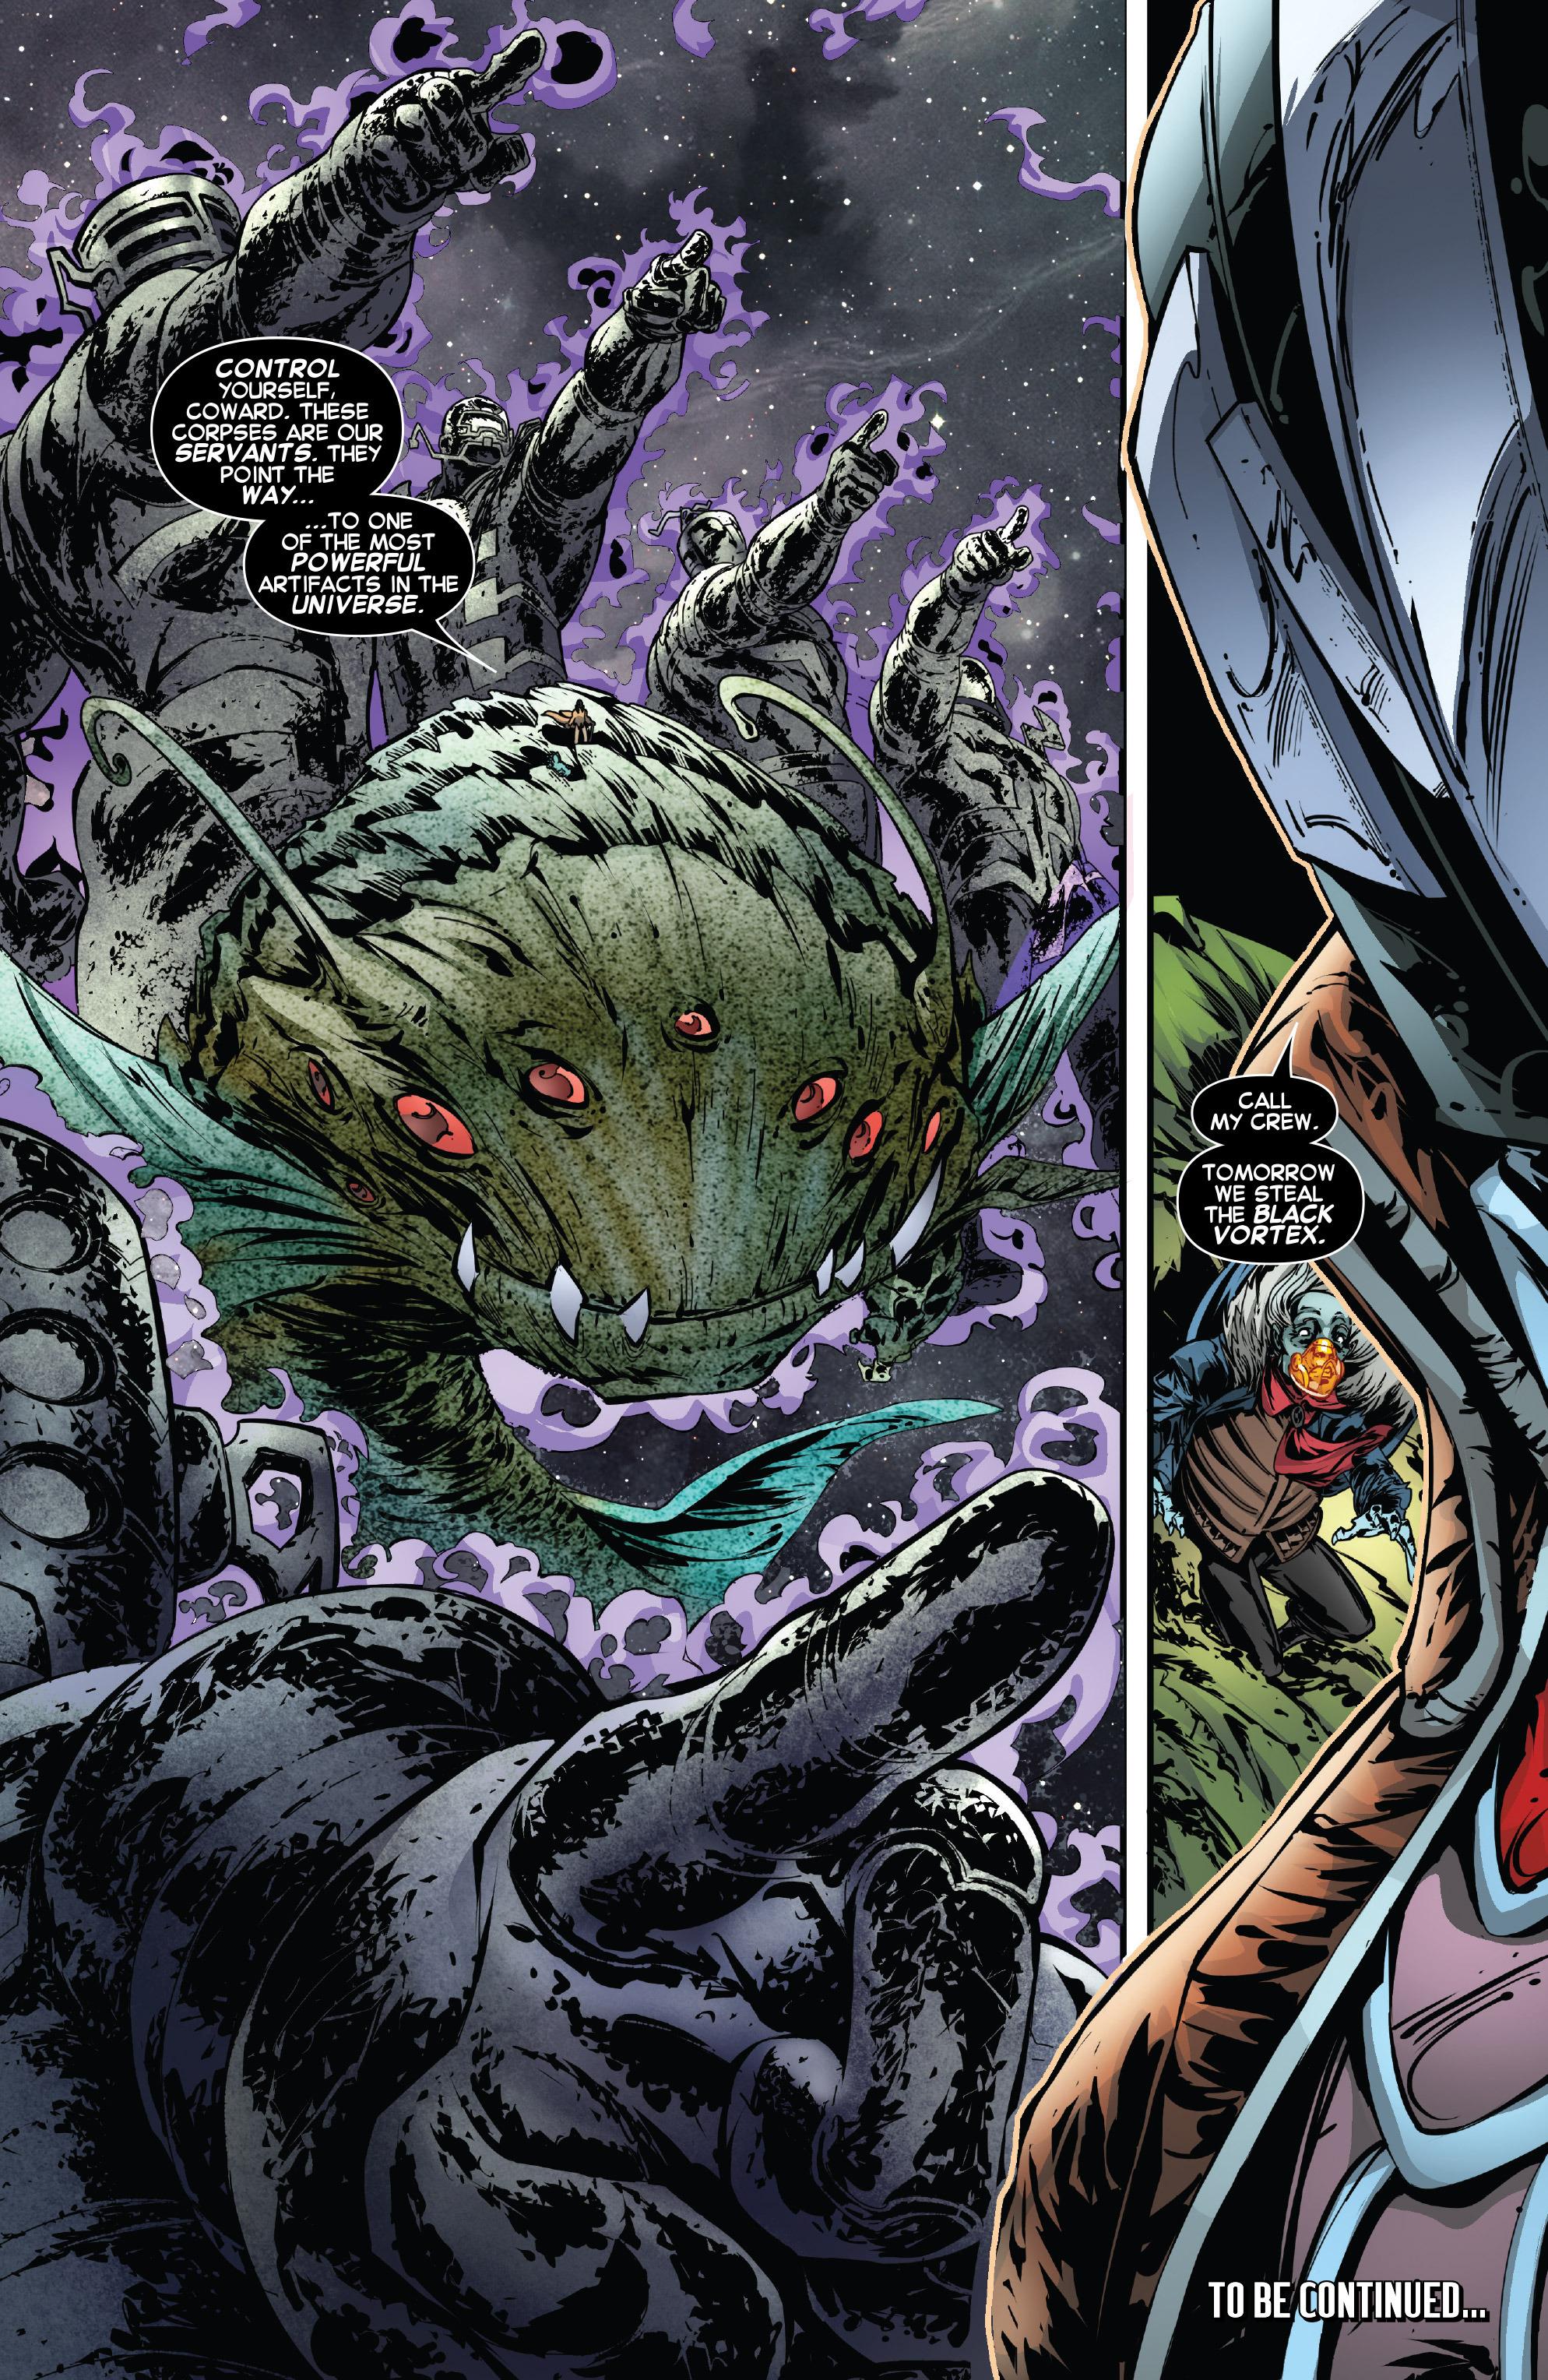 Mr. Knife menciona por primera vez el Black Vortex, en la última página de Legendary Starlord 4.